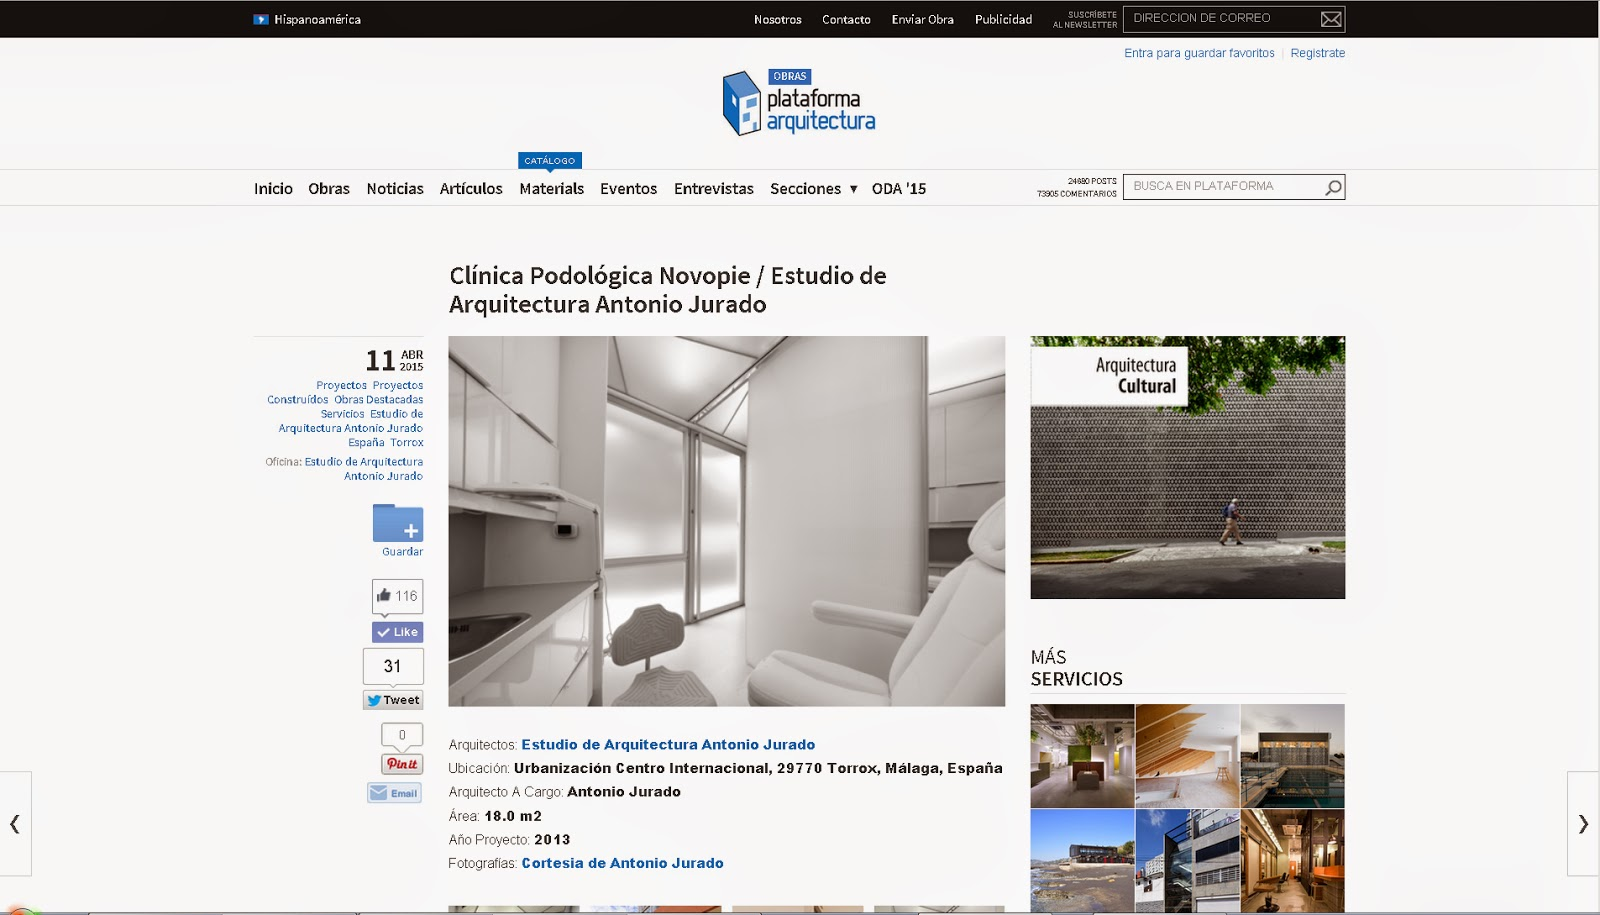 PLATAFORMA ARQUITECTURA estudio de arquitectura antonio jurado